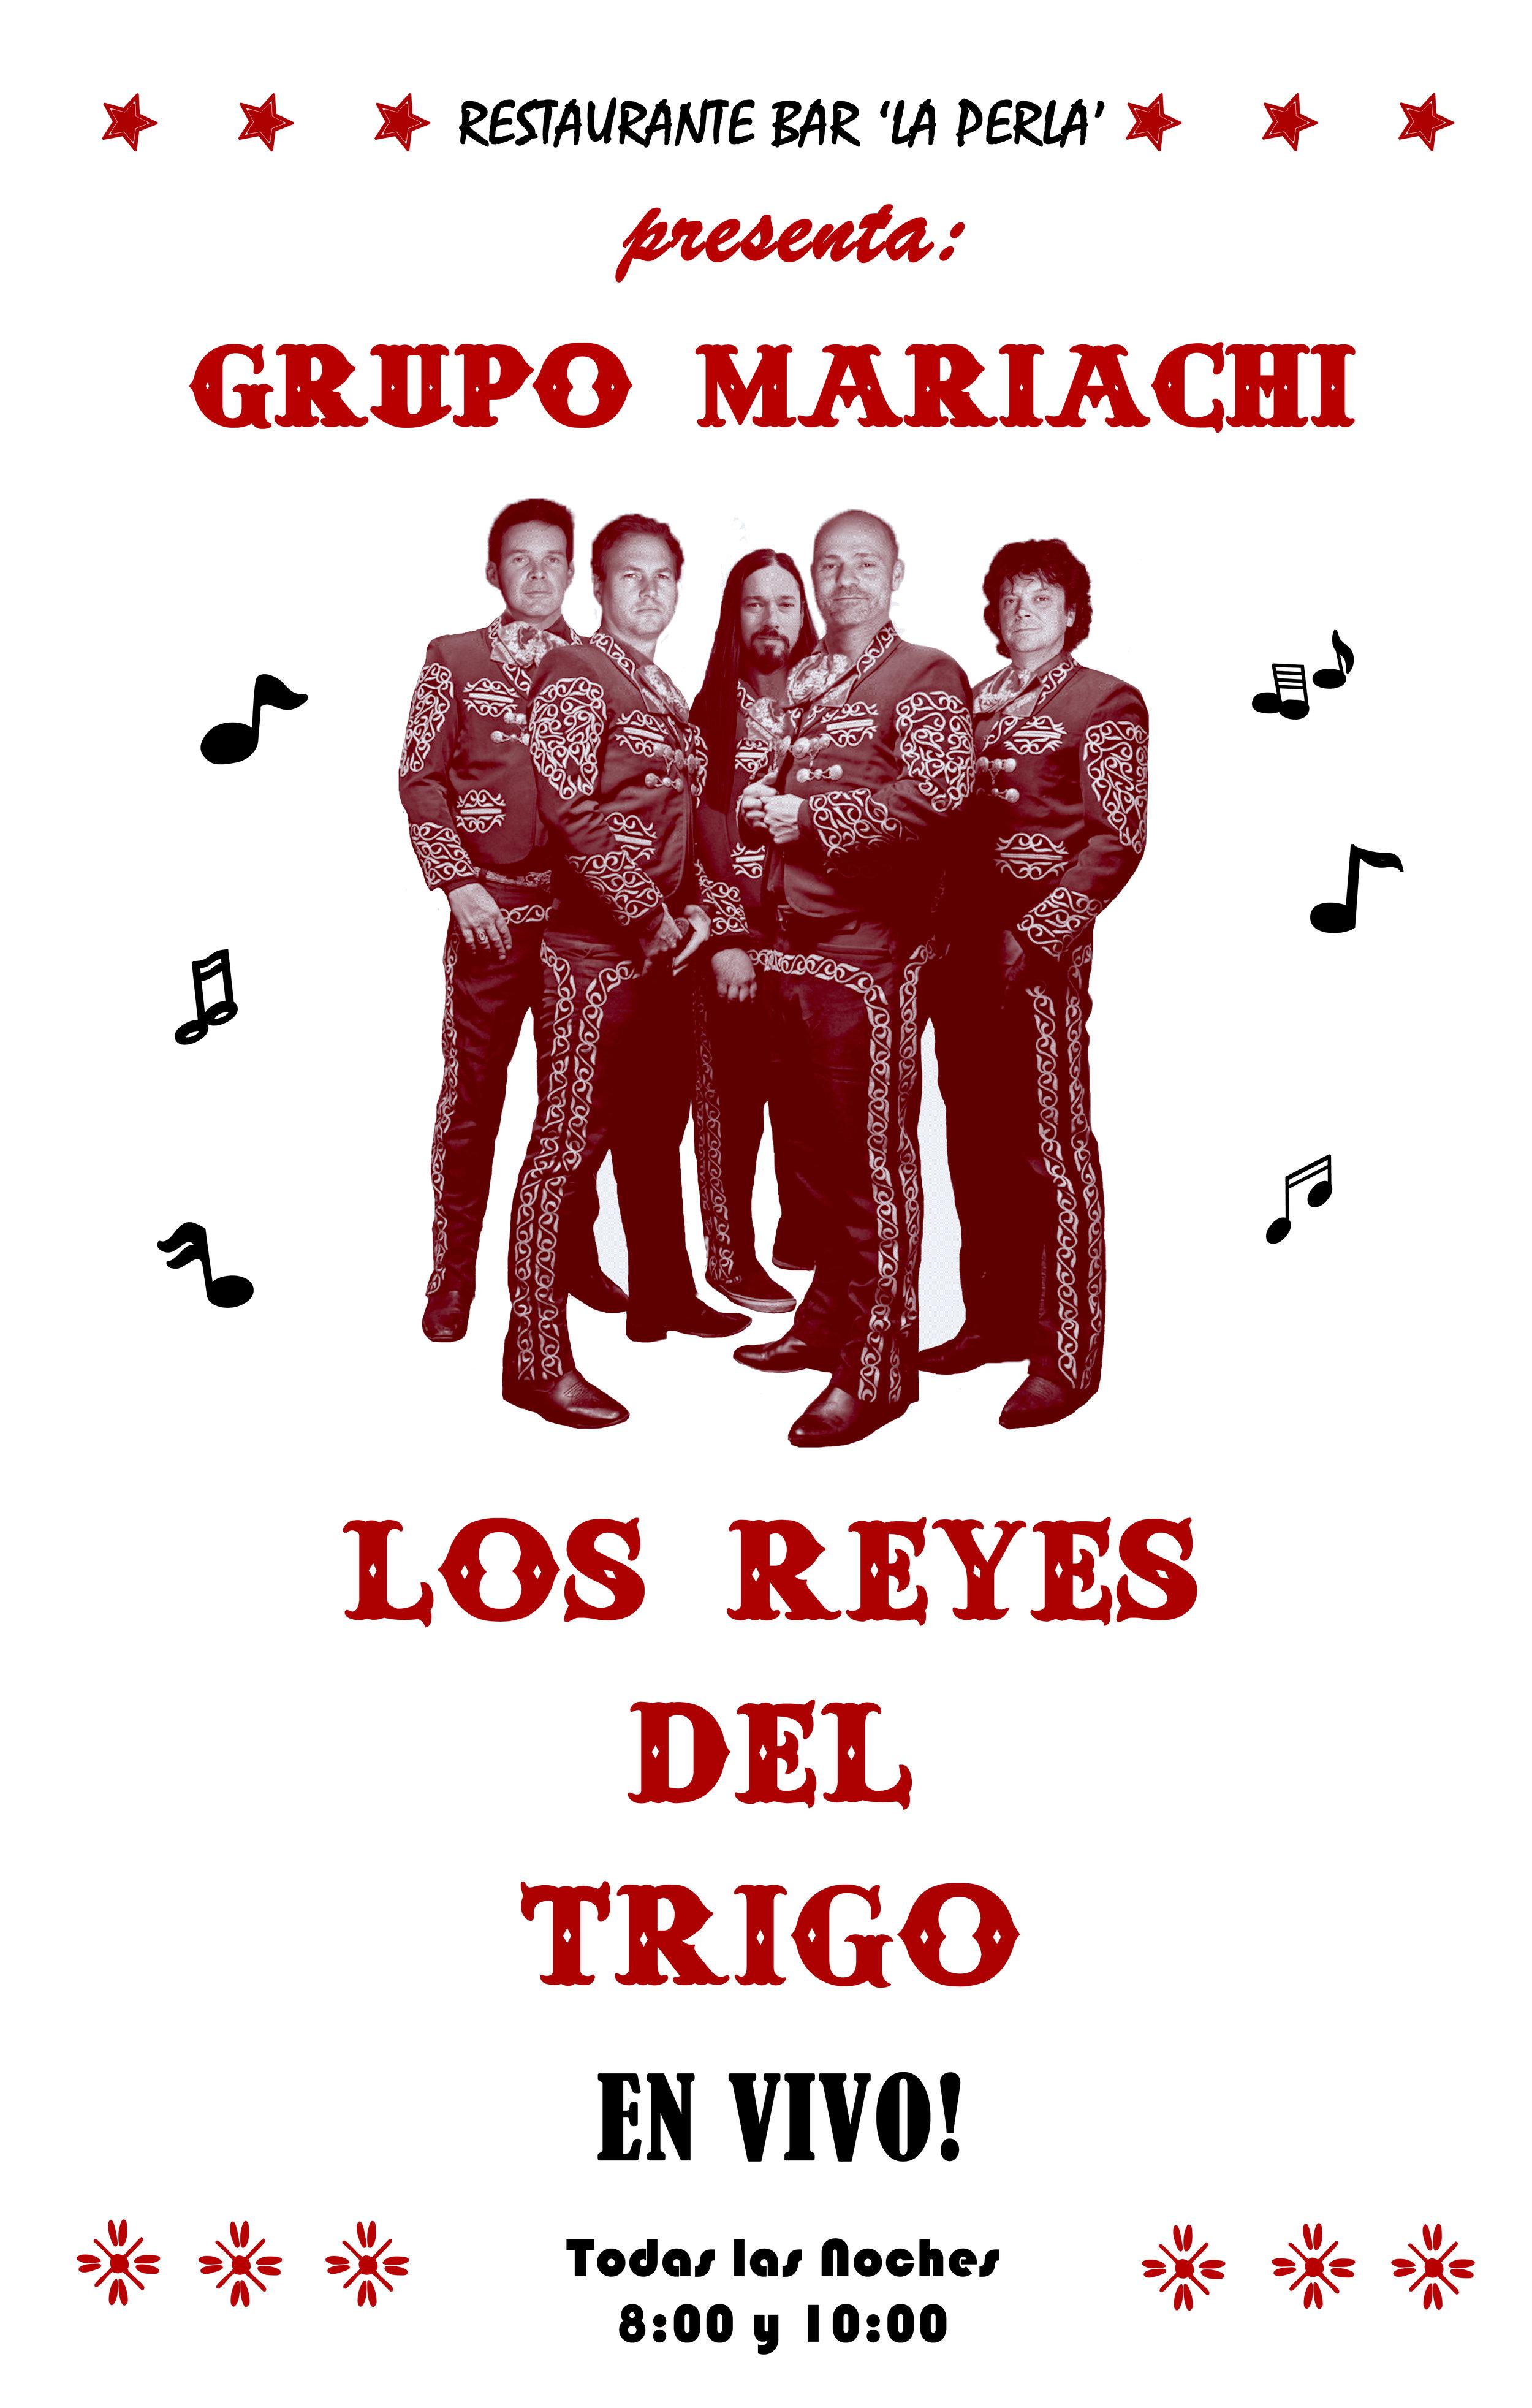 LOS REYES DEL TRIGO FINAL POSTER (with contrast).jpg